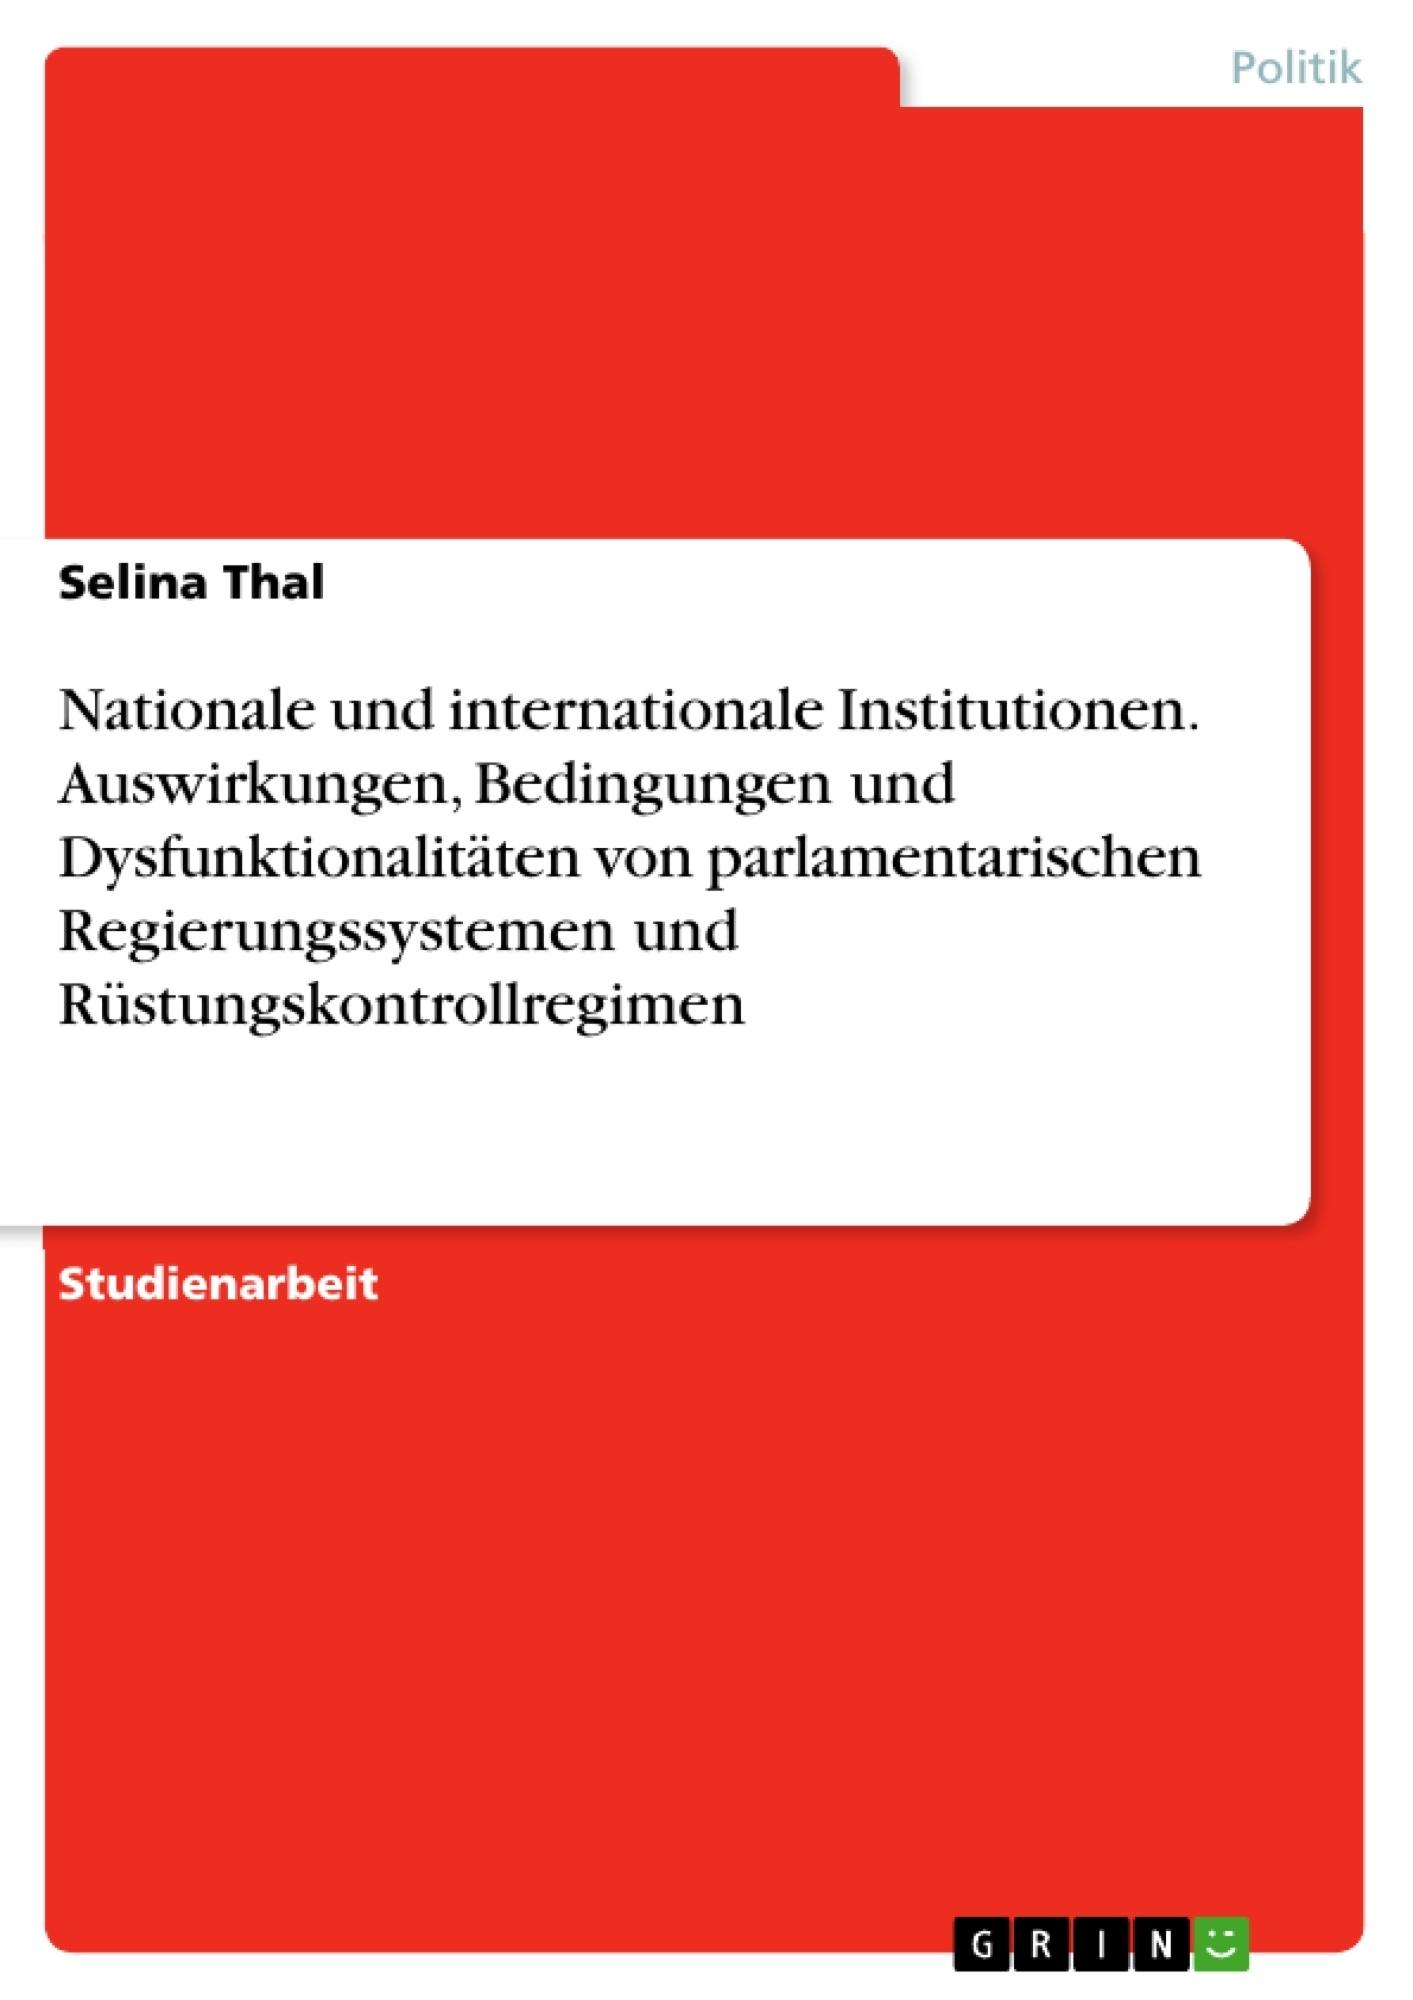 Titel: Nationale und internationale Institutionen. Auswirkungen, Bedingungen und Dysfunktionalitäten von parlamentarischen Regierungssystemen und Rüstungskontrollregimen